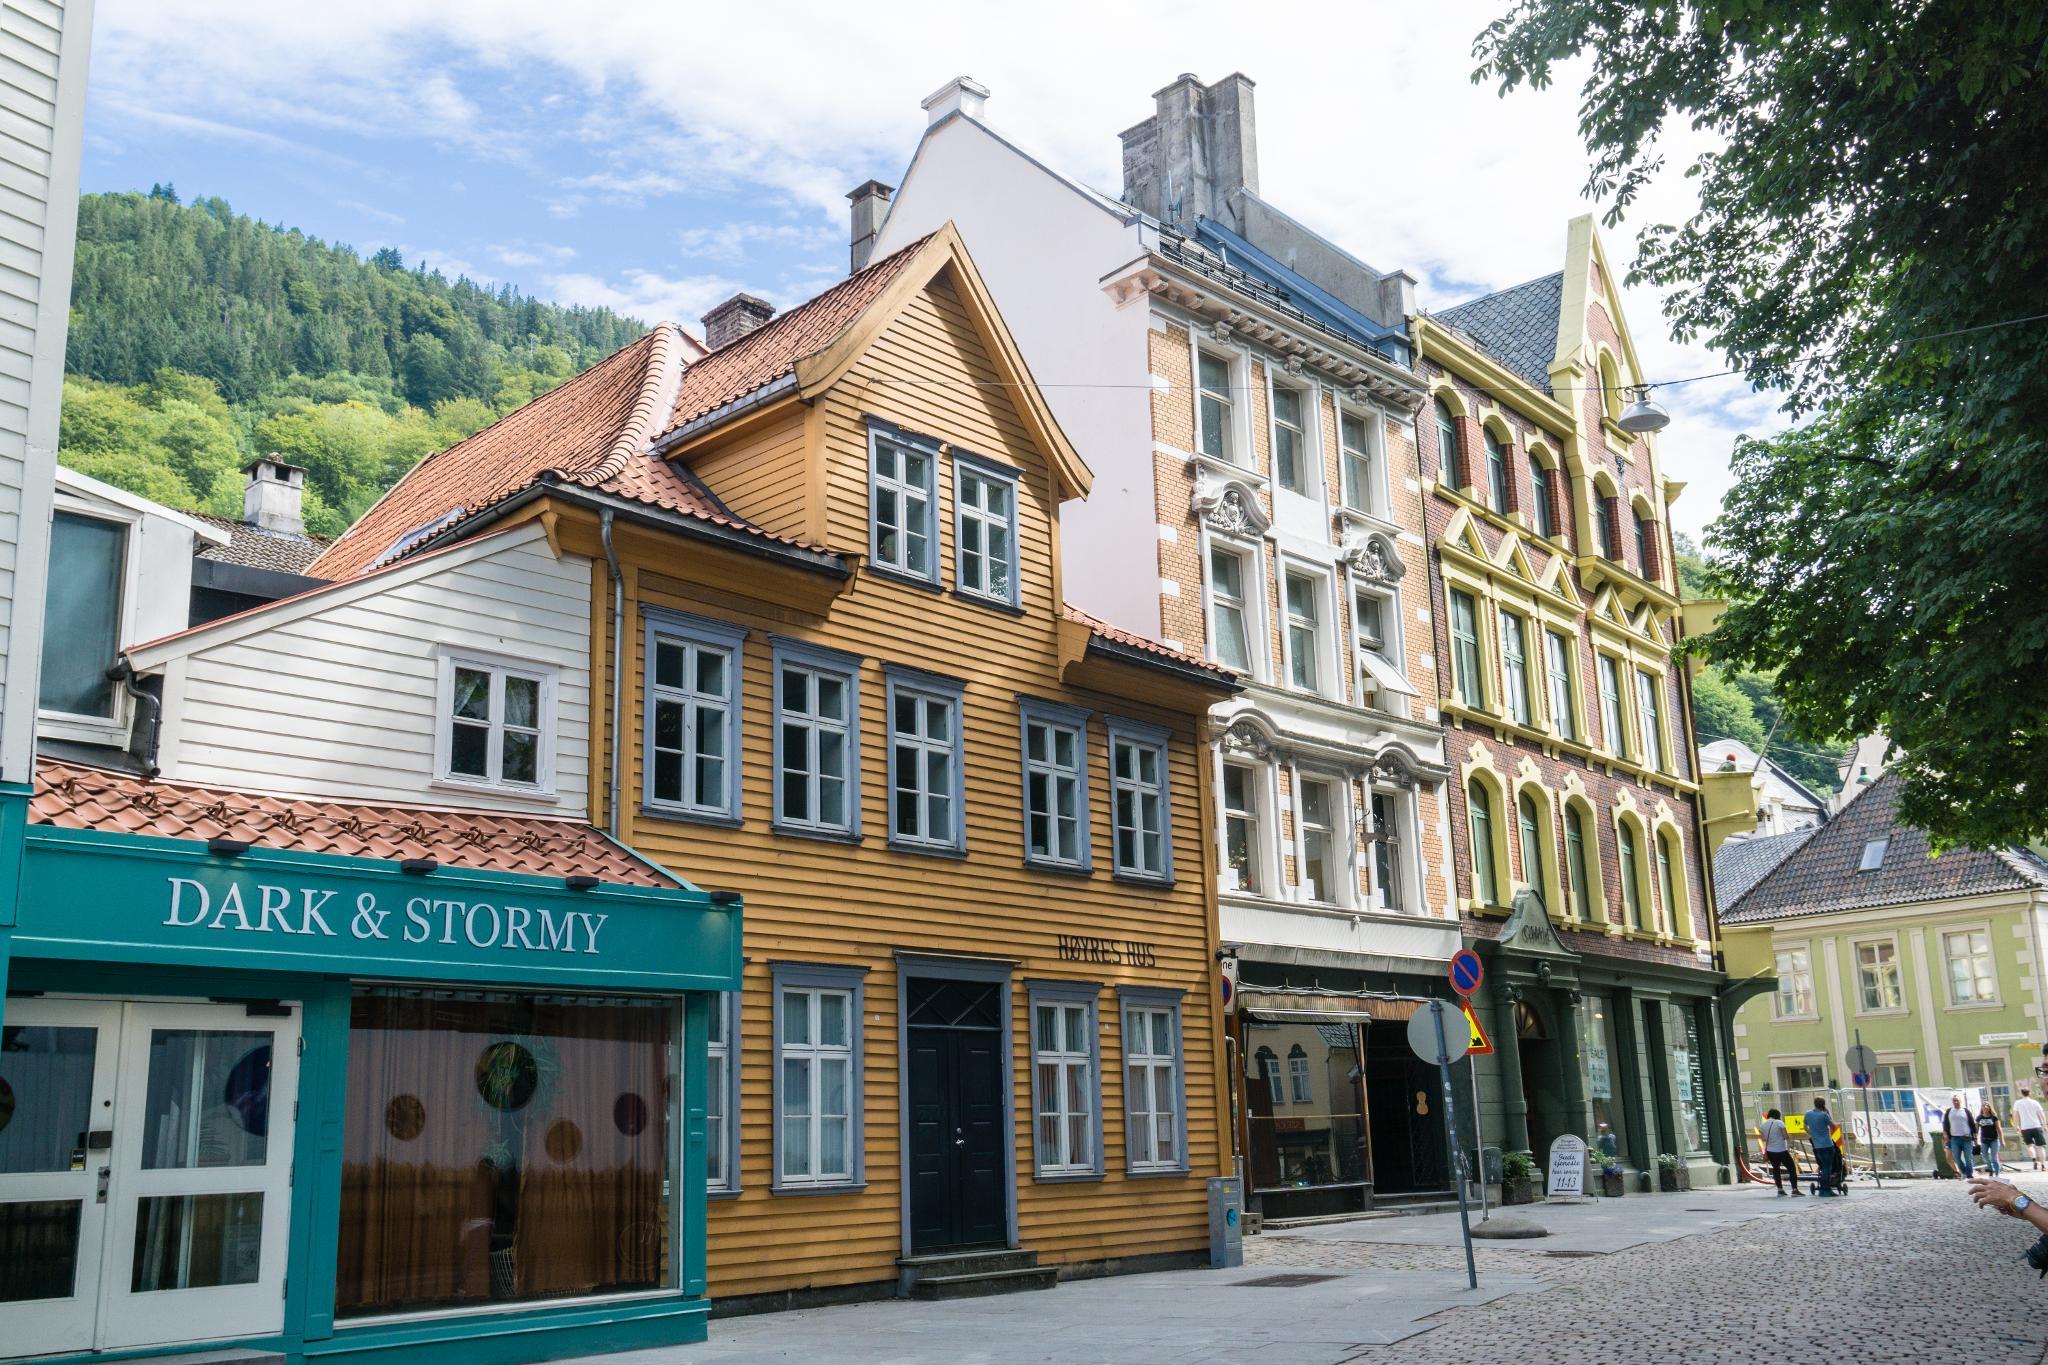 【卑爾根】童話北歐!卑爾根自由行景點全攻略 146